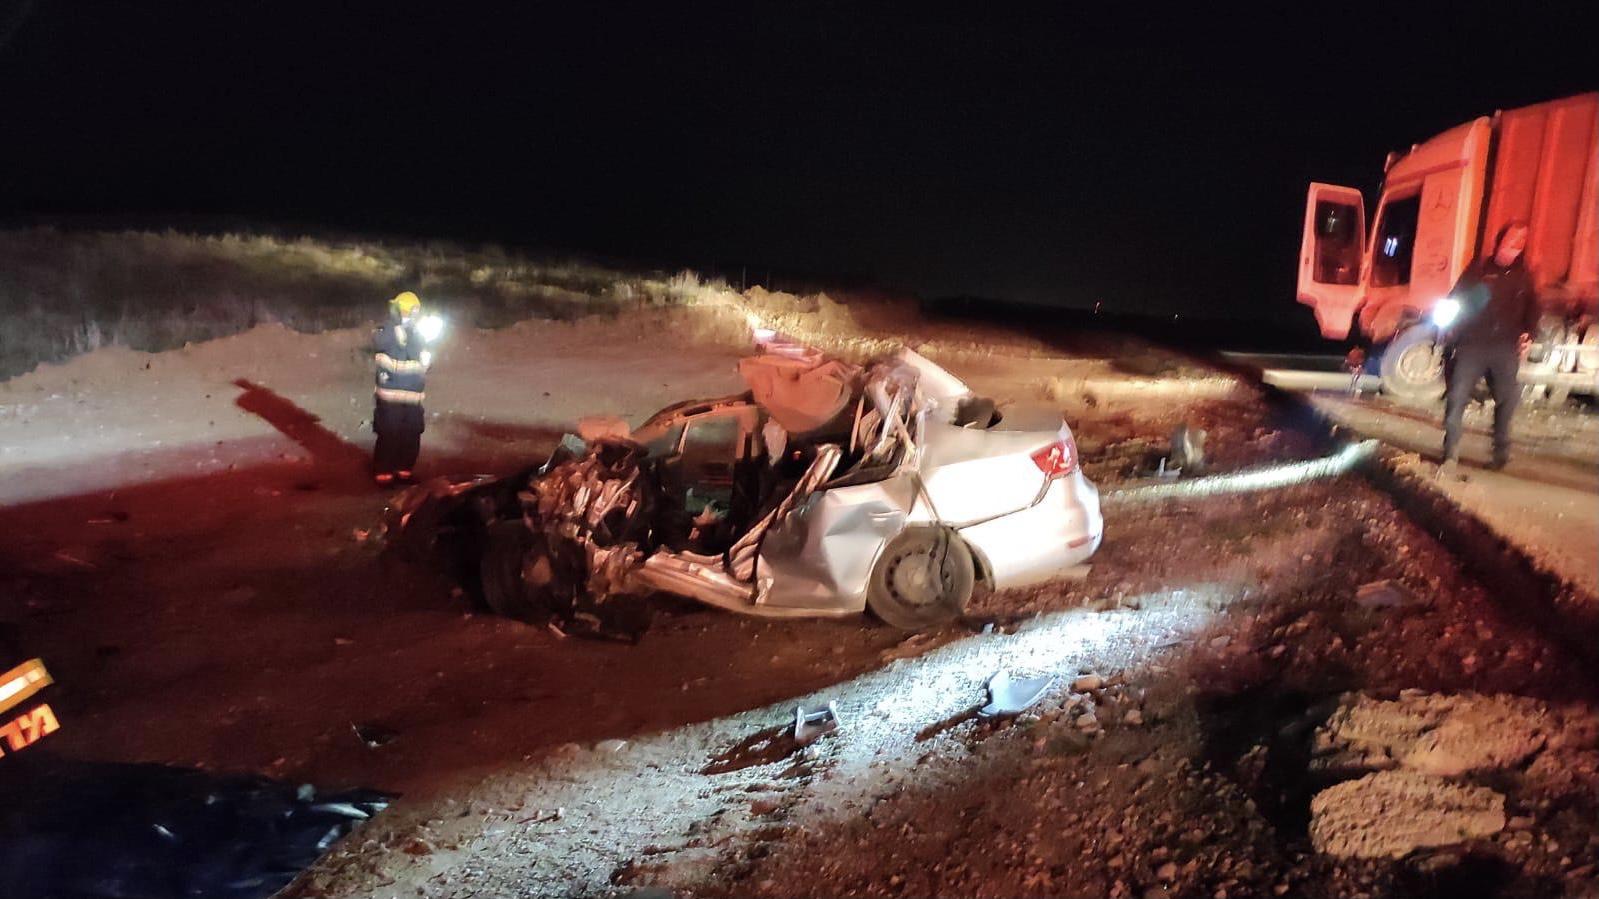 אדם נהרג בתאונת דרכים קטלנית סמוך לבית קמה